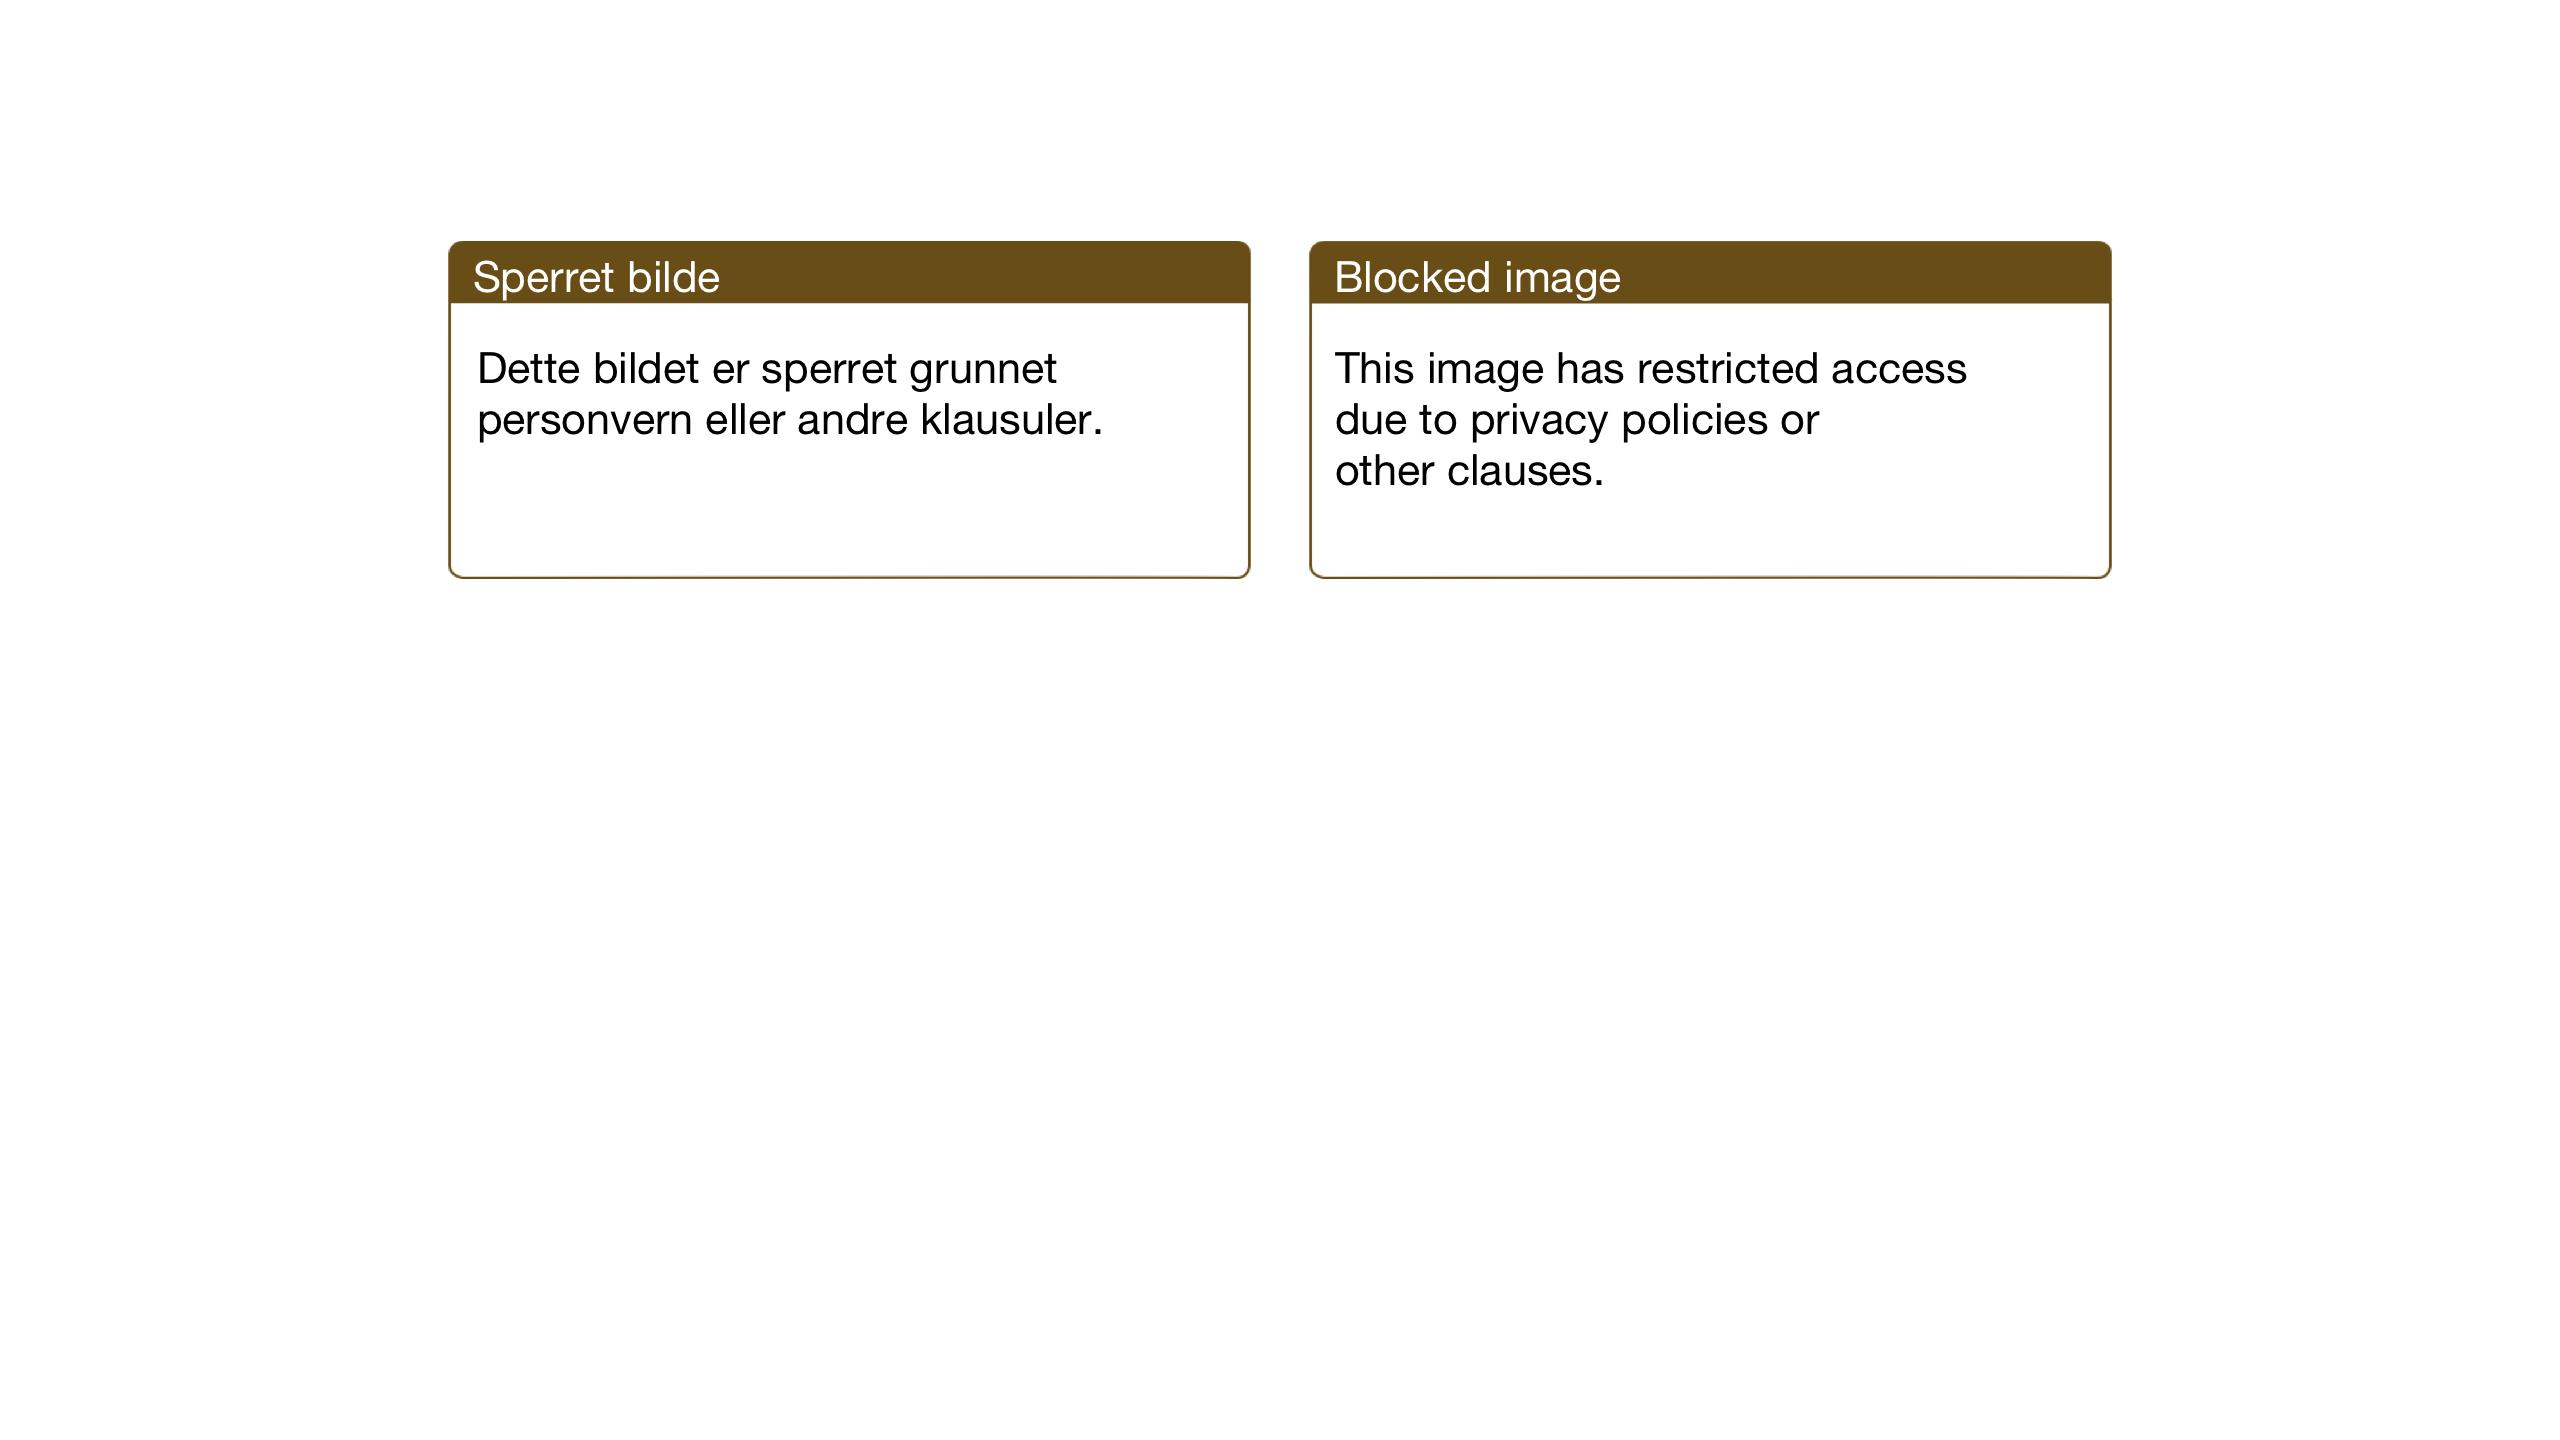 SAT, Ministerialprotokoller, klokkerbøker og fødselsregistre - Sør-Trøndelag, 685/L0973: Ministerialbok nr. 685A10, 1891-1907, s. 31